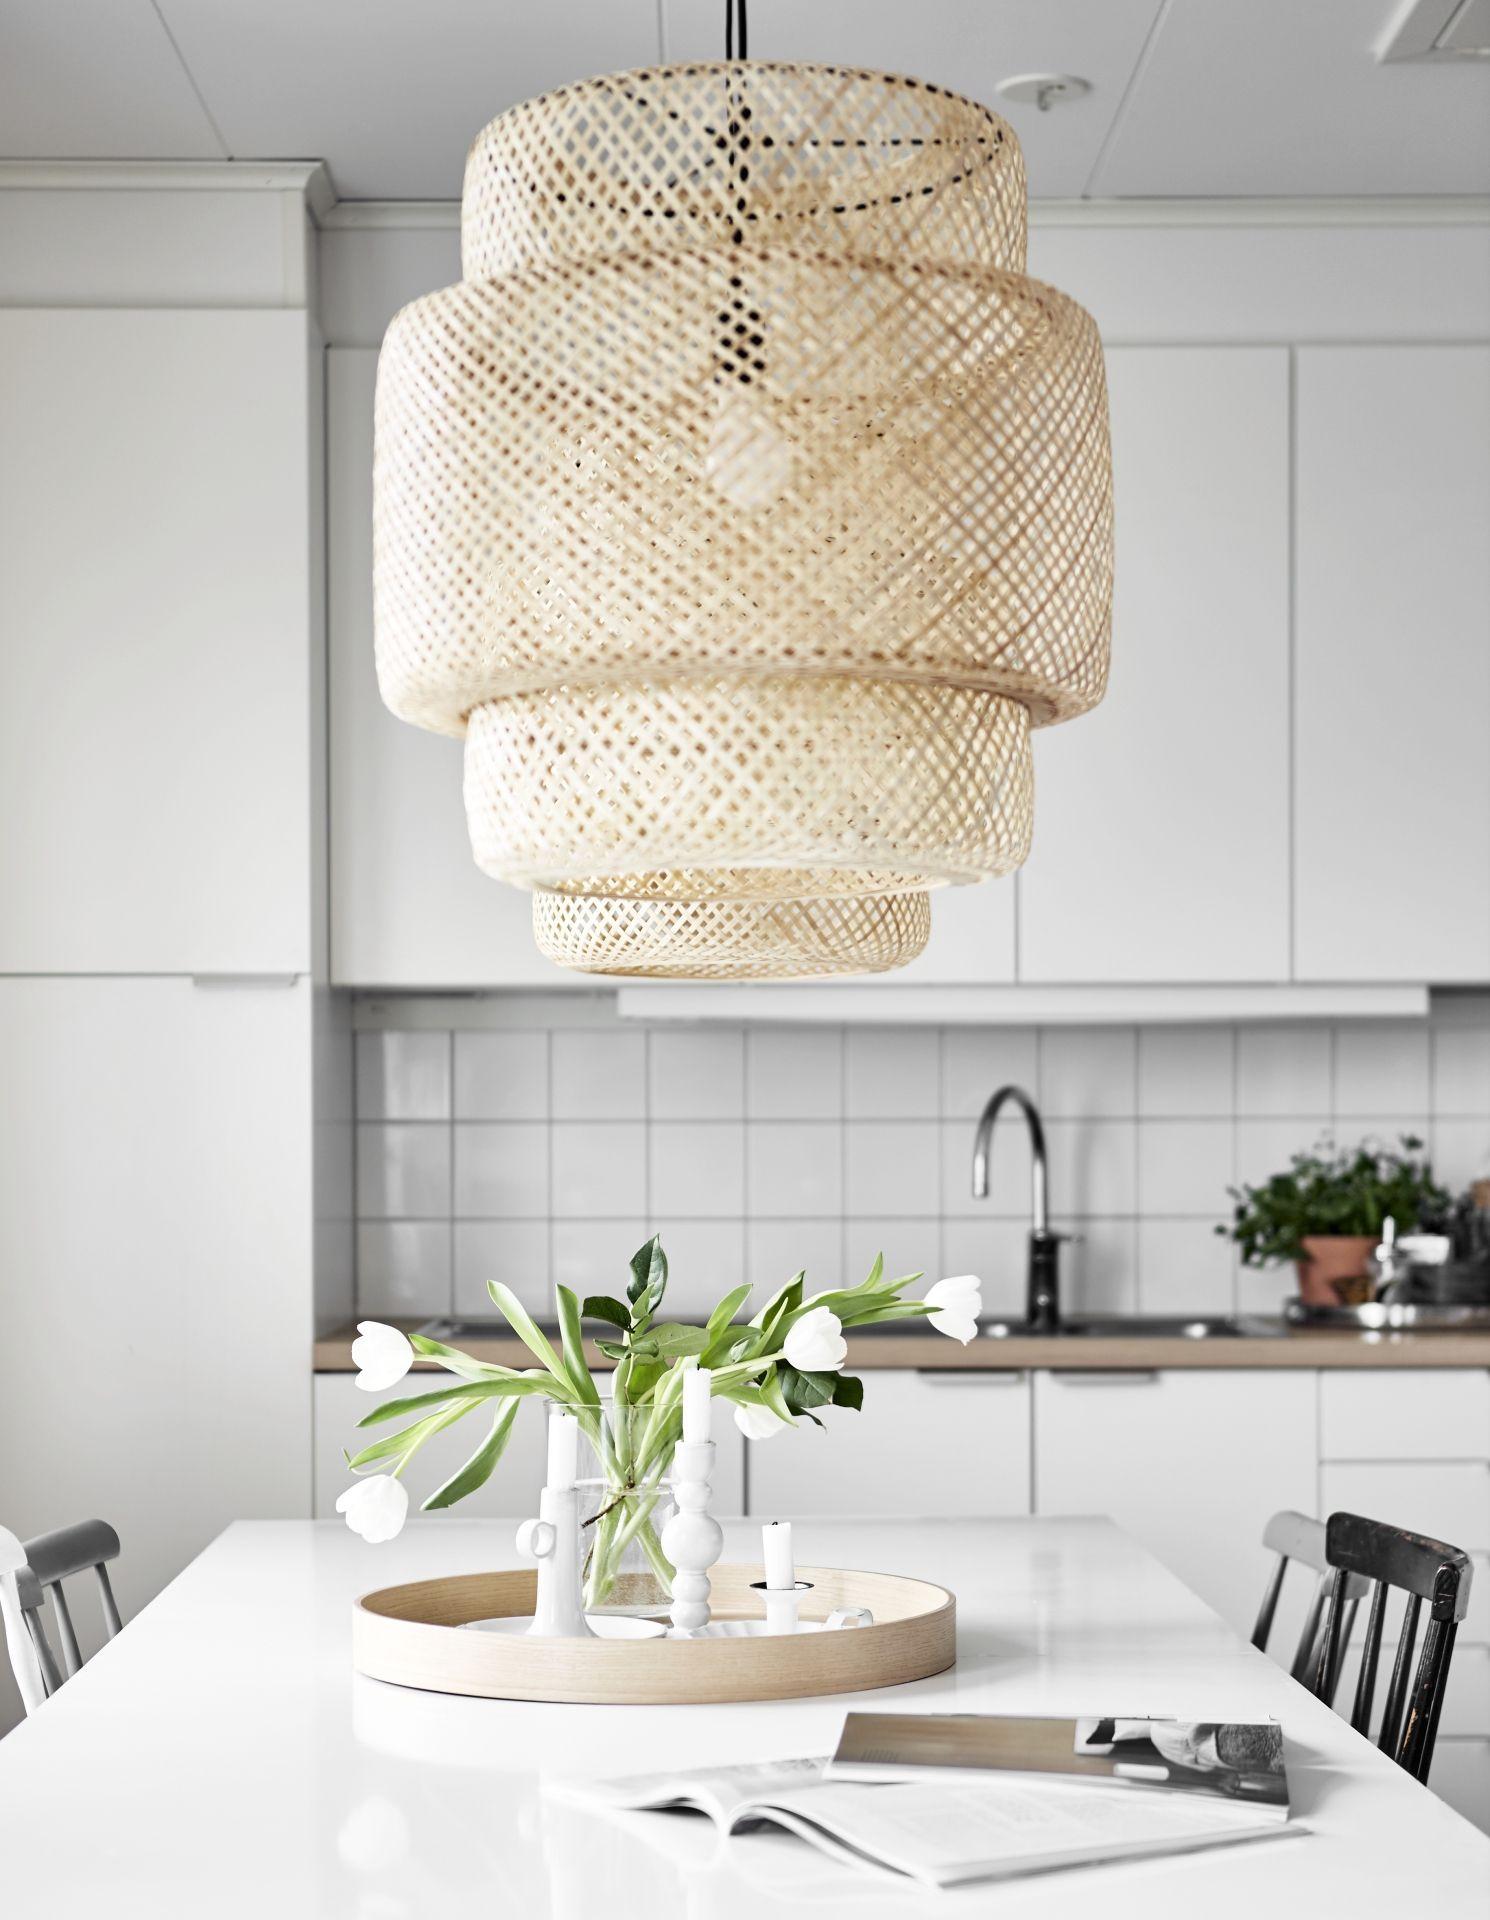 SINNERLIG hanglamp | IKEA IKEAnl IKEAnederland lamp led-lamp led led ...